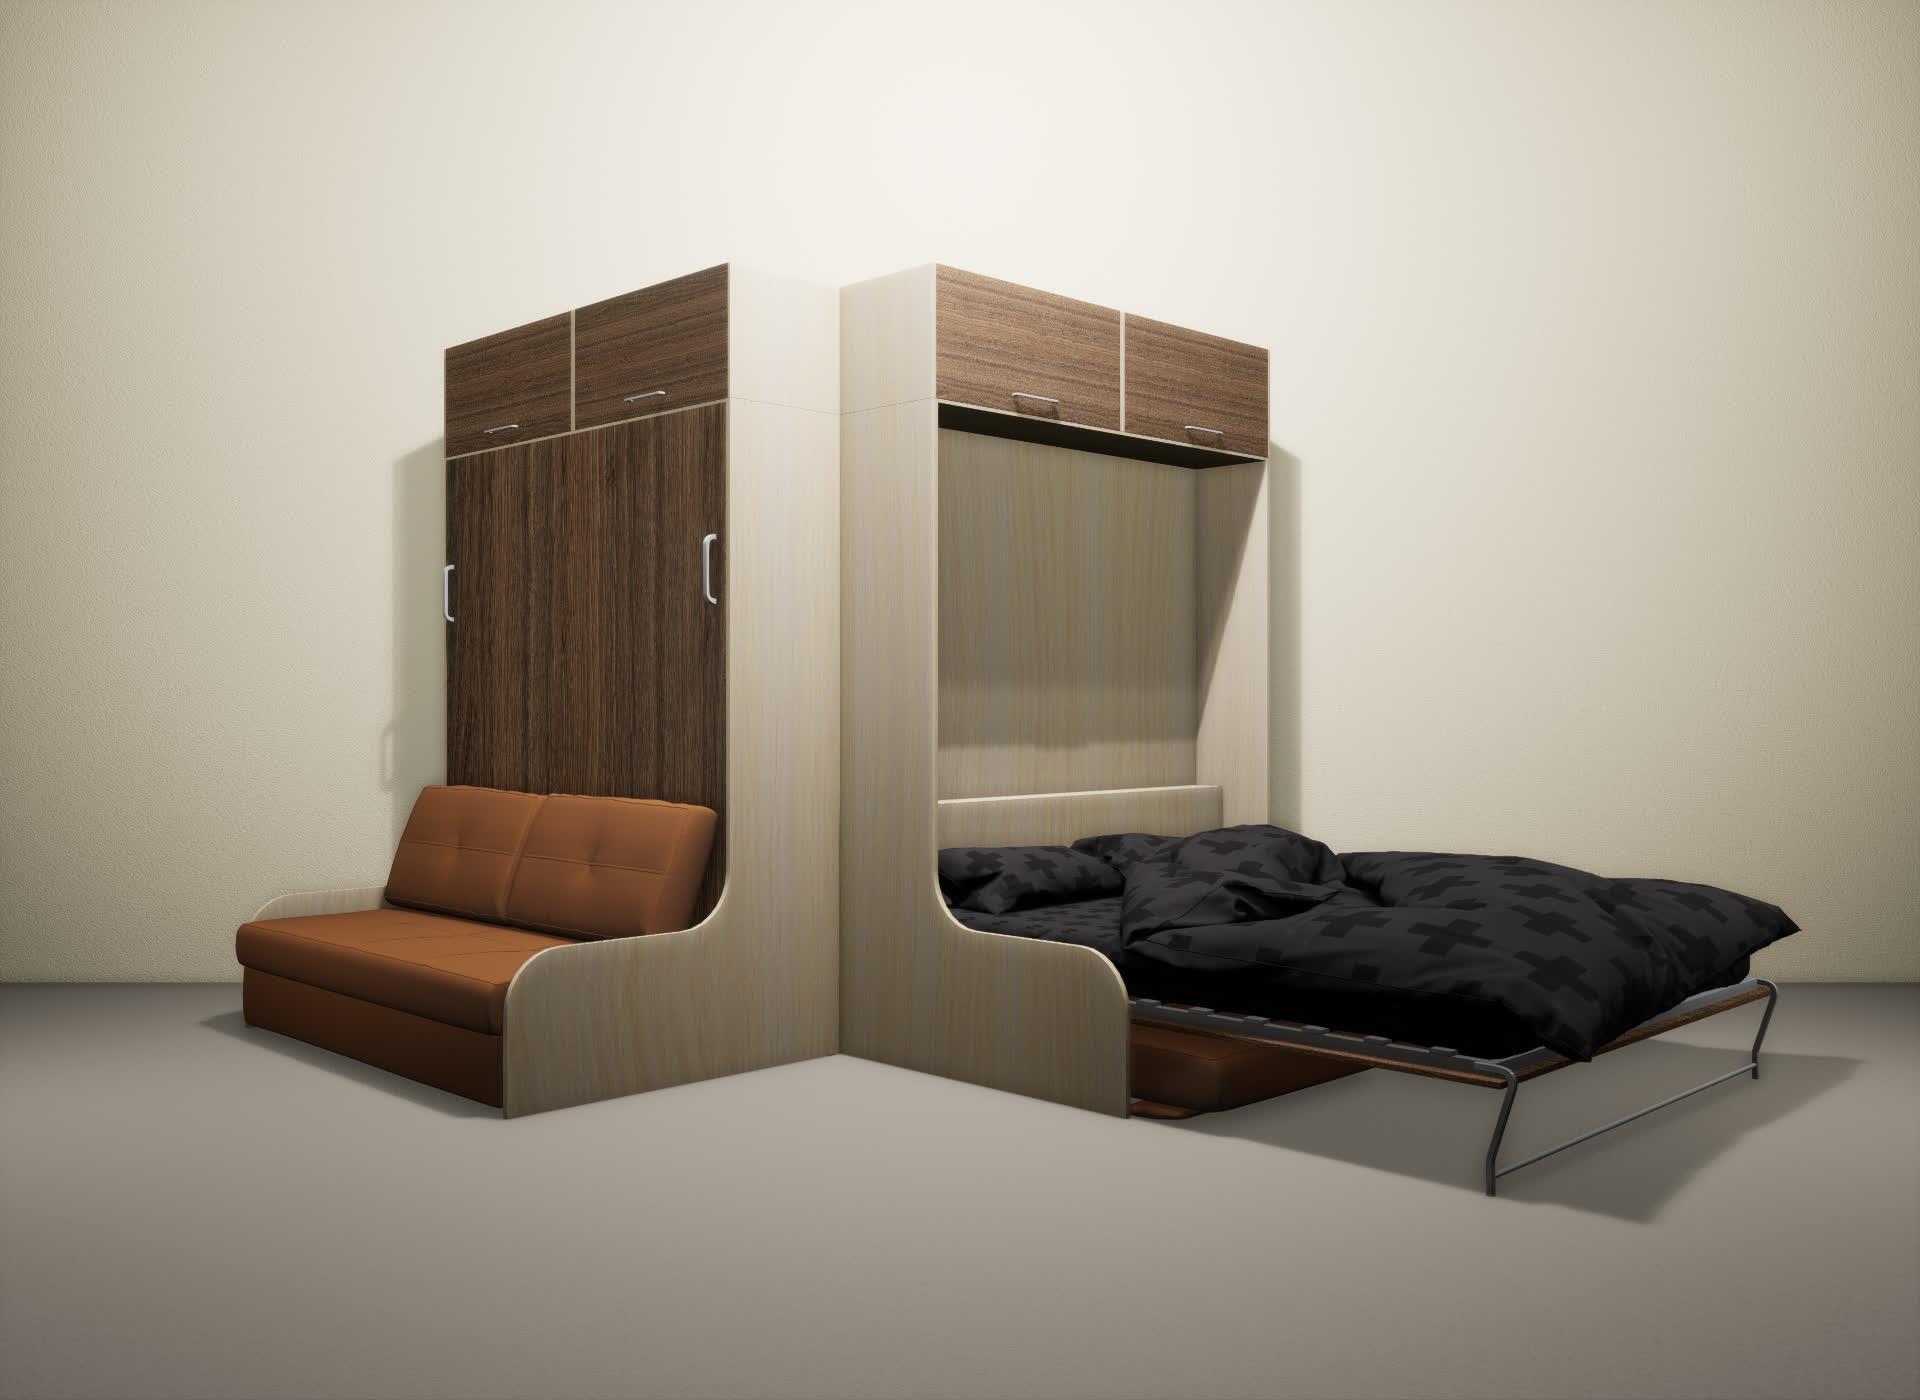 Шкаф-кровать SMART HOME Омега молочный дуб/шамони